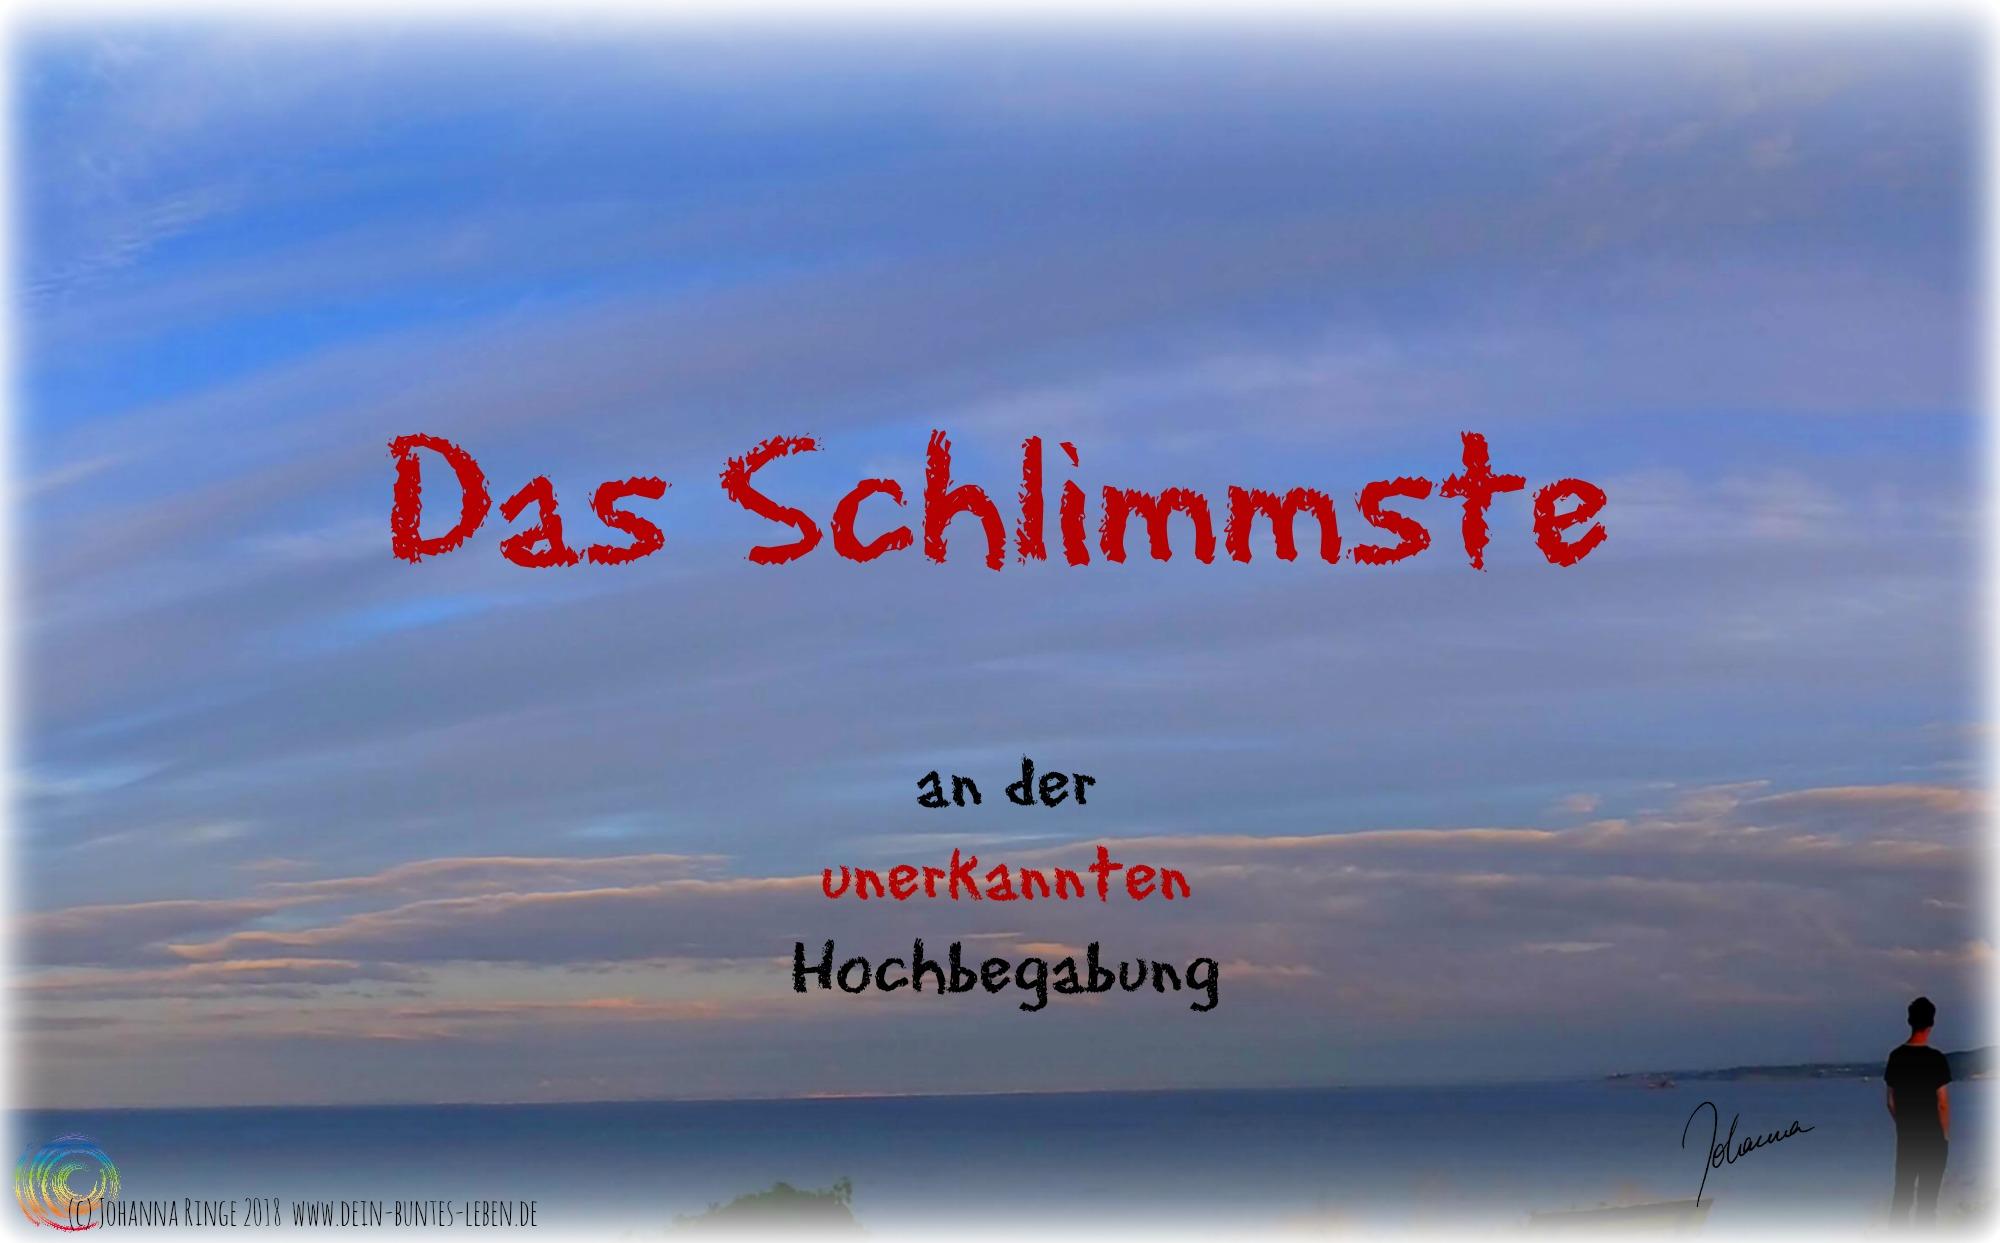 Text: Das Schlimmste an der unerkannten Hochbegabung auf Photo von einsamem Mann am Meer (c)Johanna Ringe 2018 www.dein-buntes-leben.de